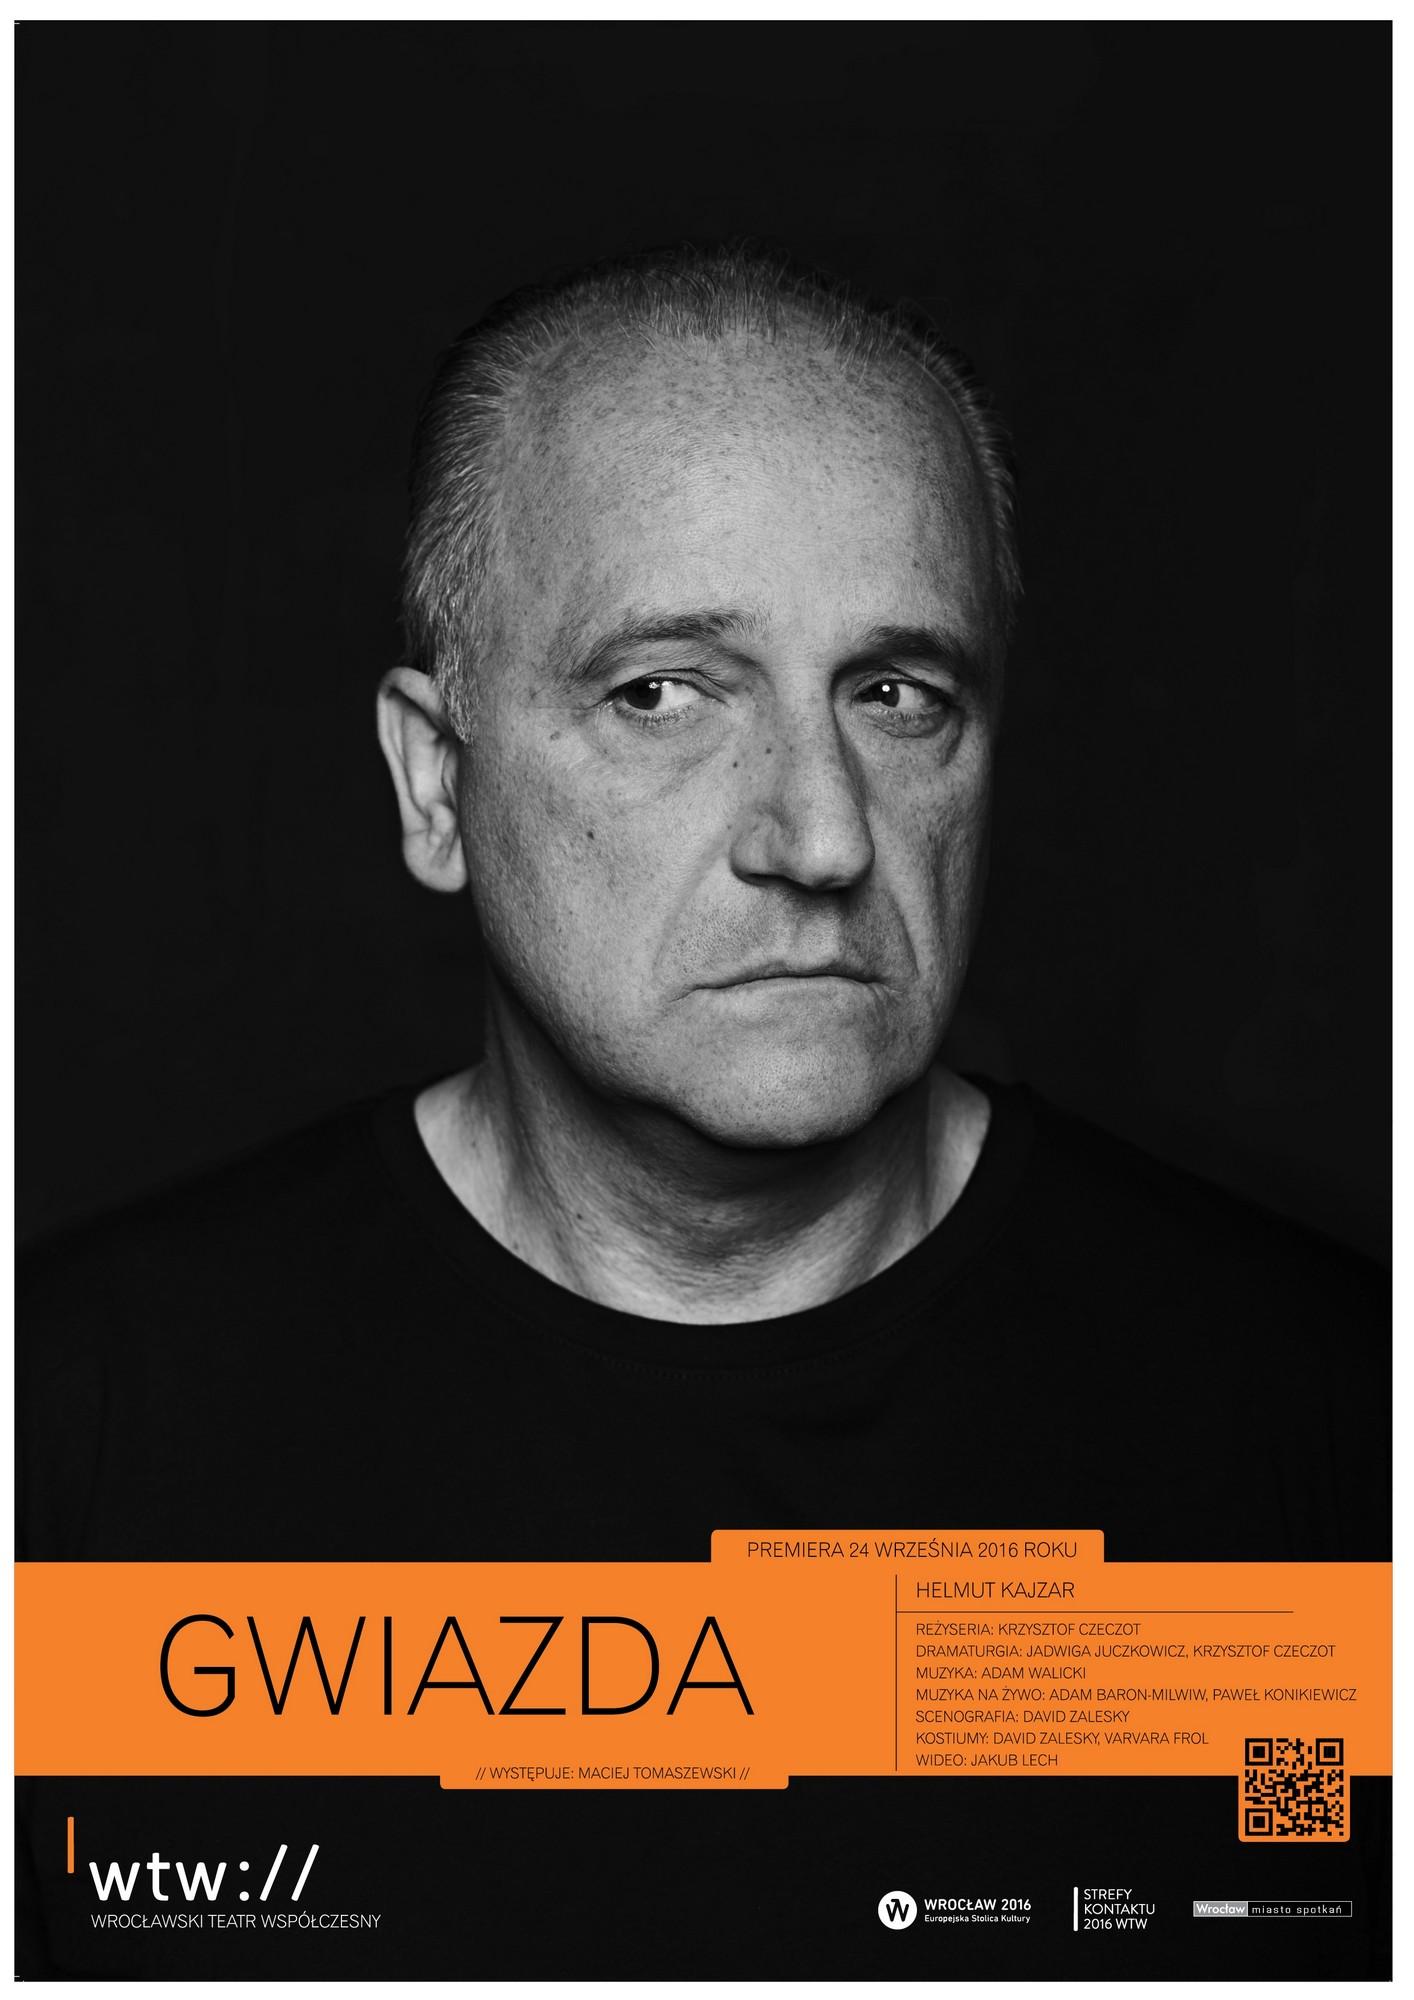 """Helmut Kajzar: """"Gwiazda"""", reż. Krzysztof Czeczot, plakat (źródło: materiały prasowe WTW)"""